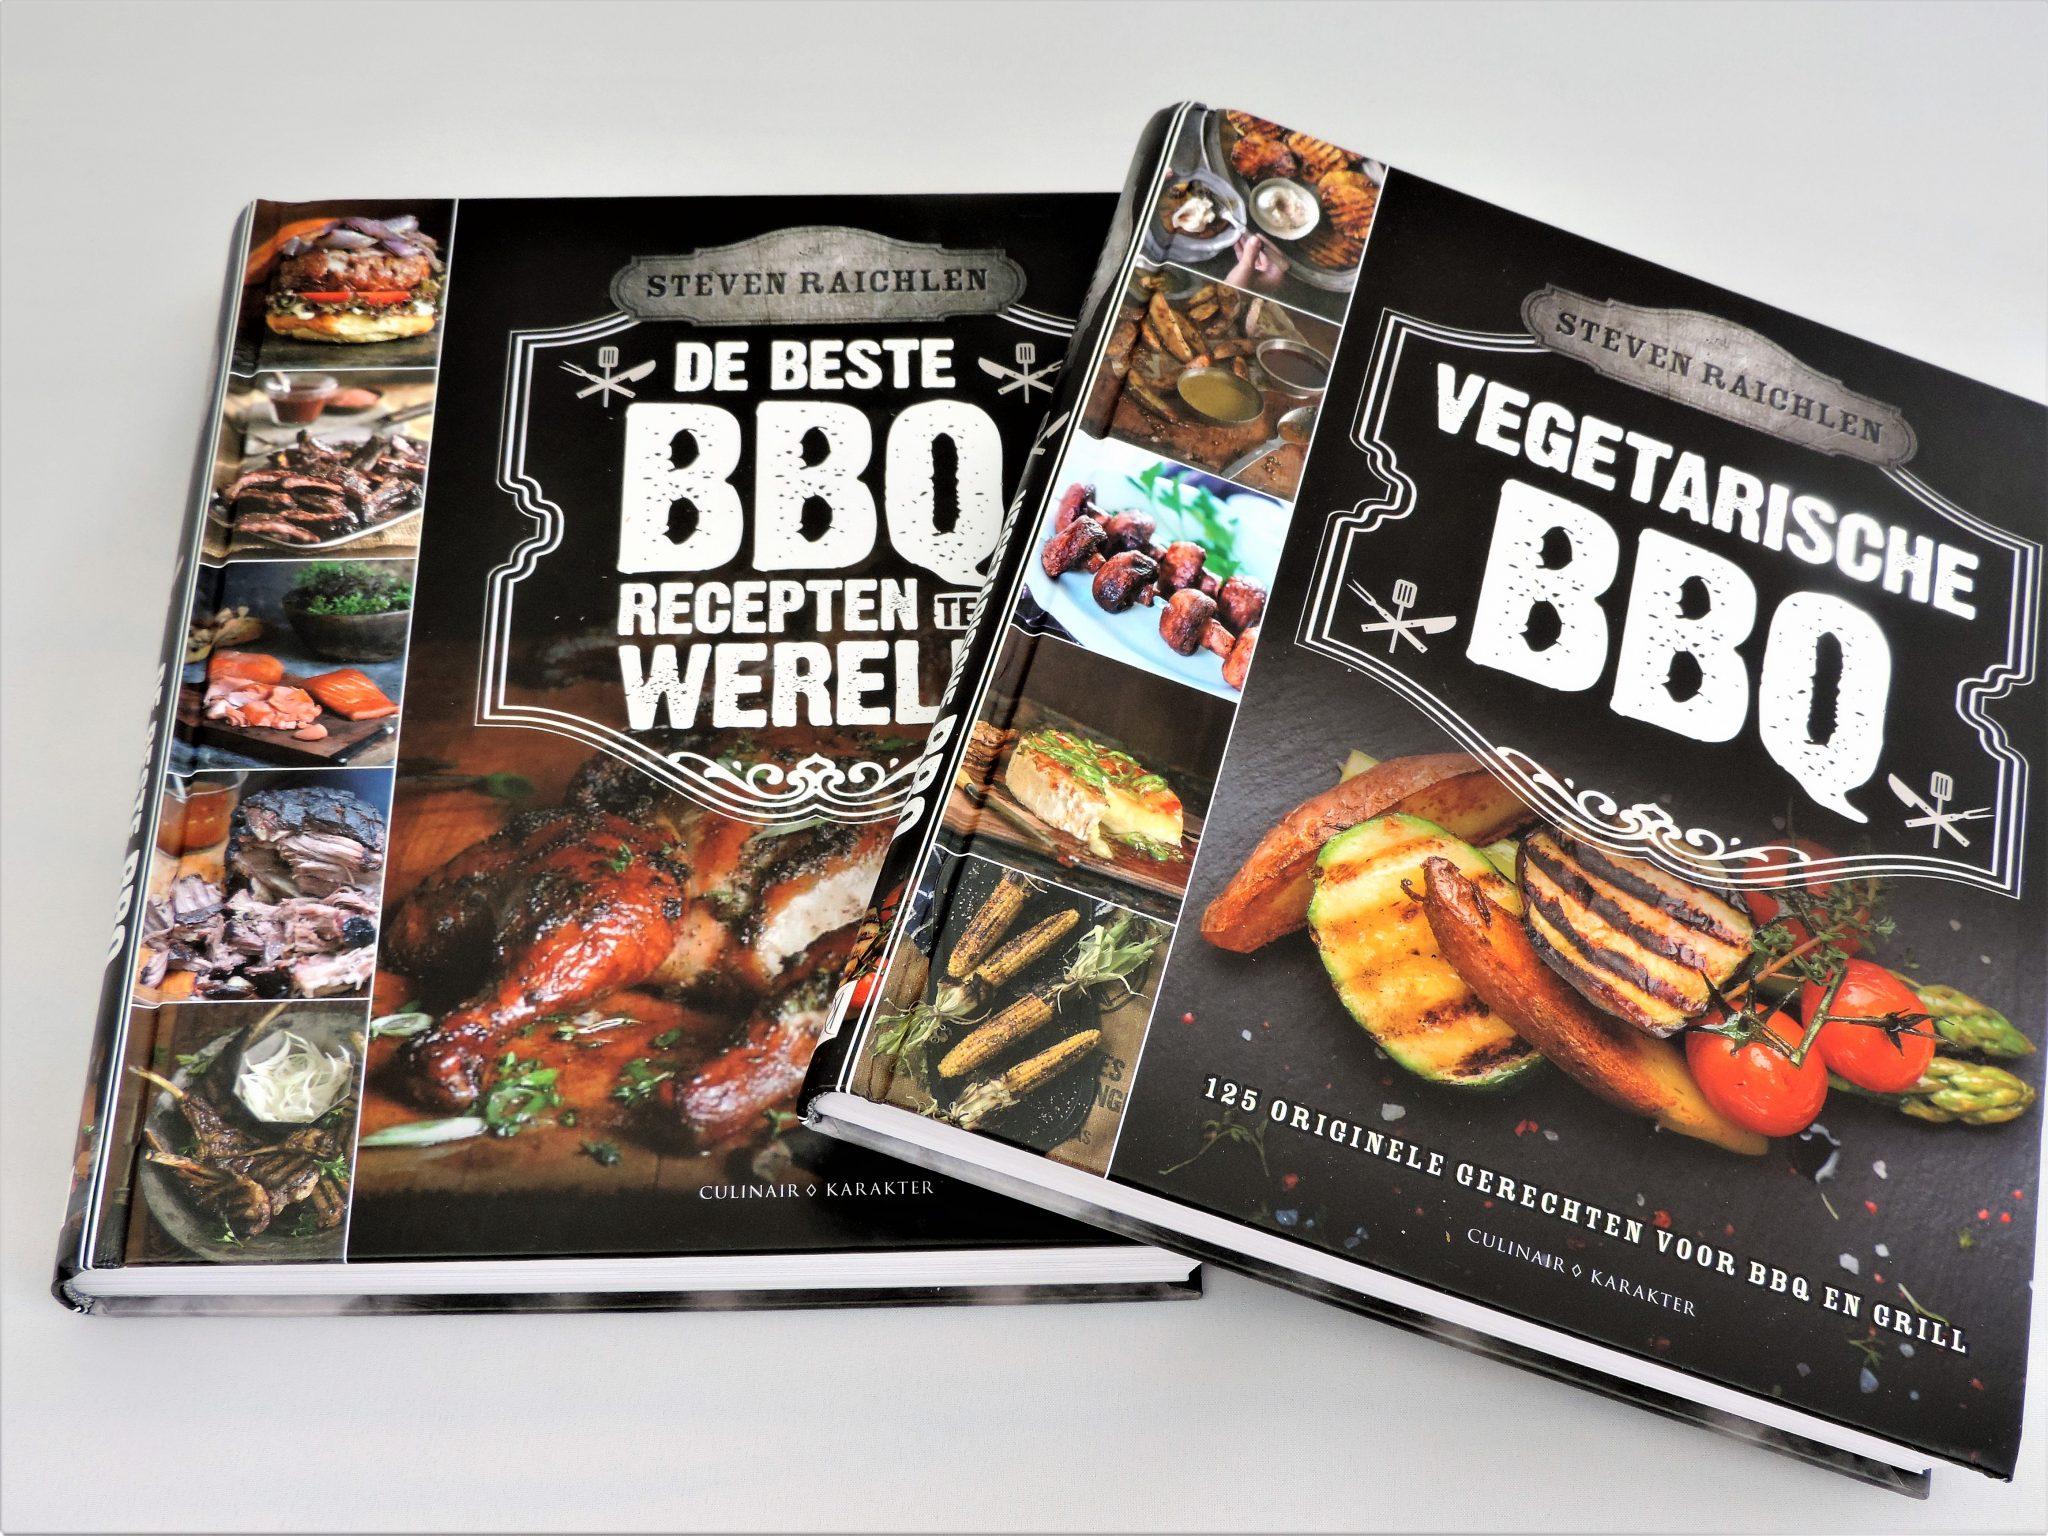 De nieuwe bbq boeken steven raichlen wereld en vegetarisch - Eigentijdse barbecue ...